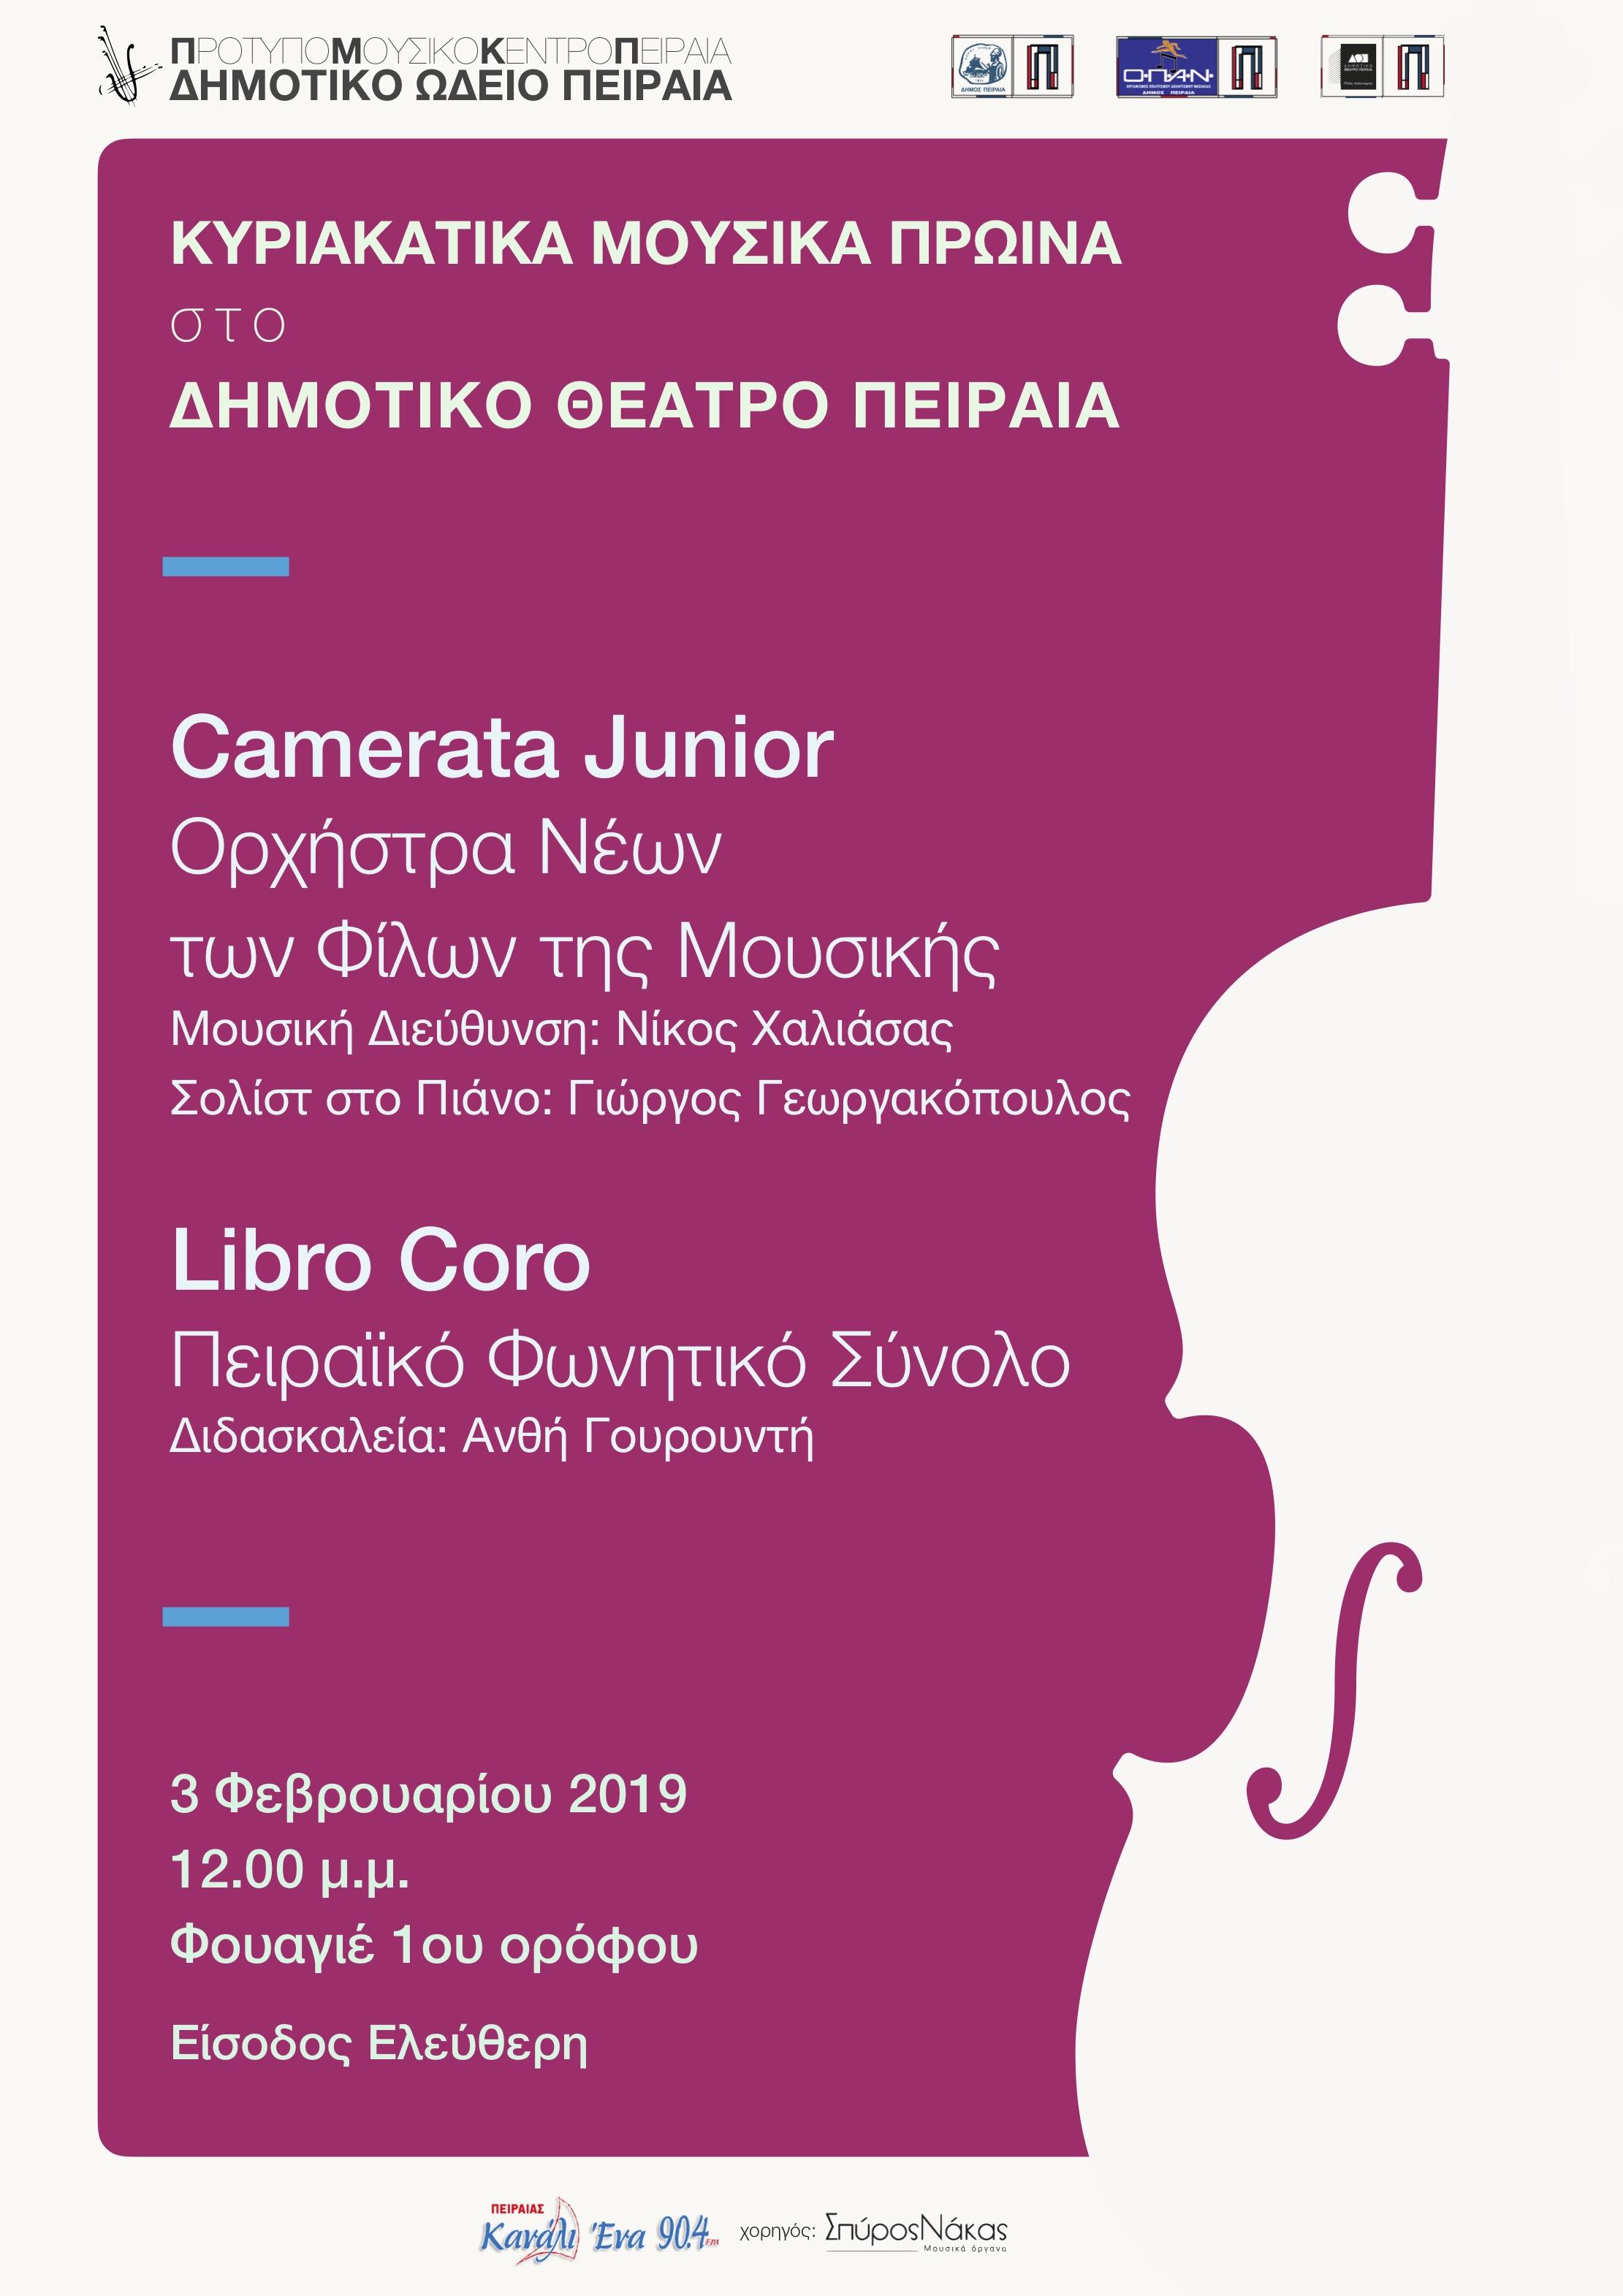 Κυριακάτικα Μουσικά Πρωινά -  Camerata Junior - Ορχήστρα Νέων των Φίλων της Μουσικής